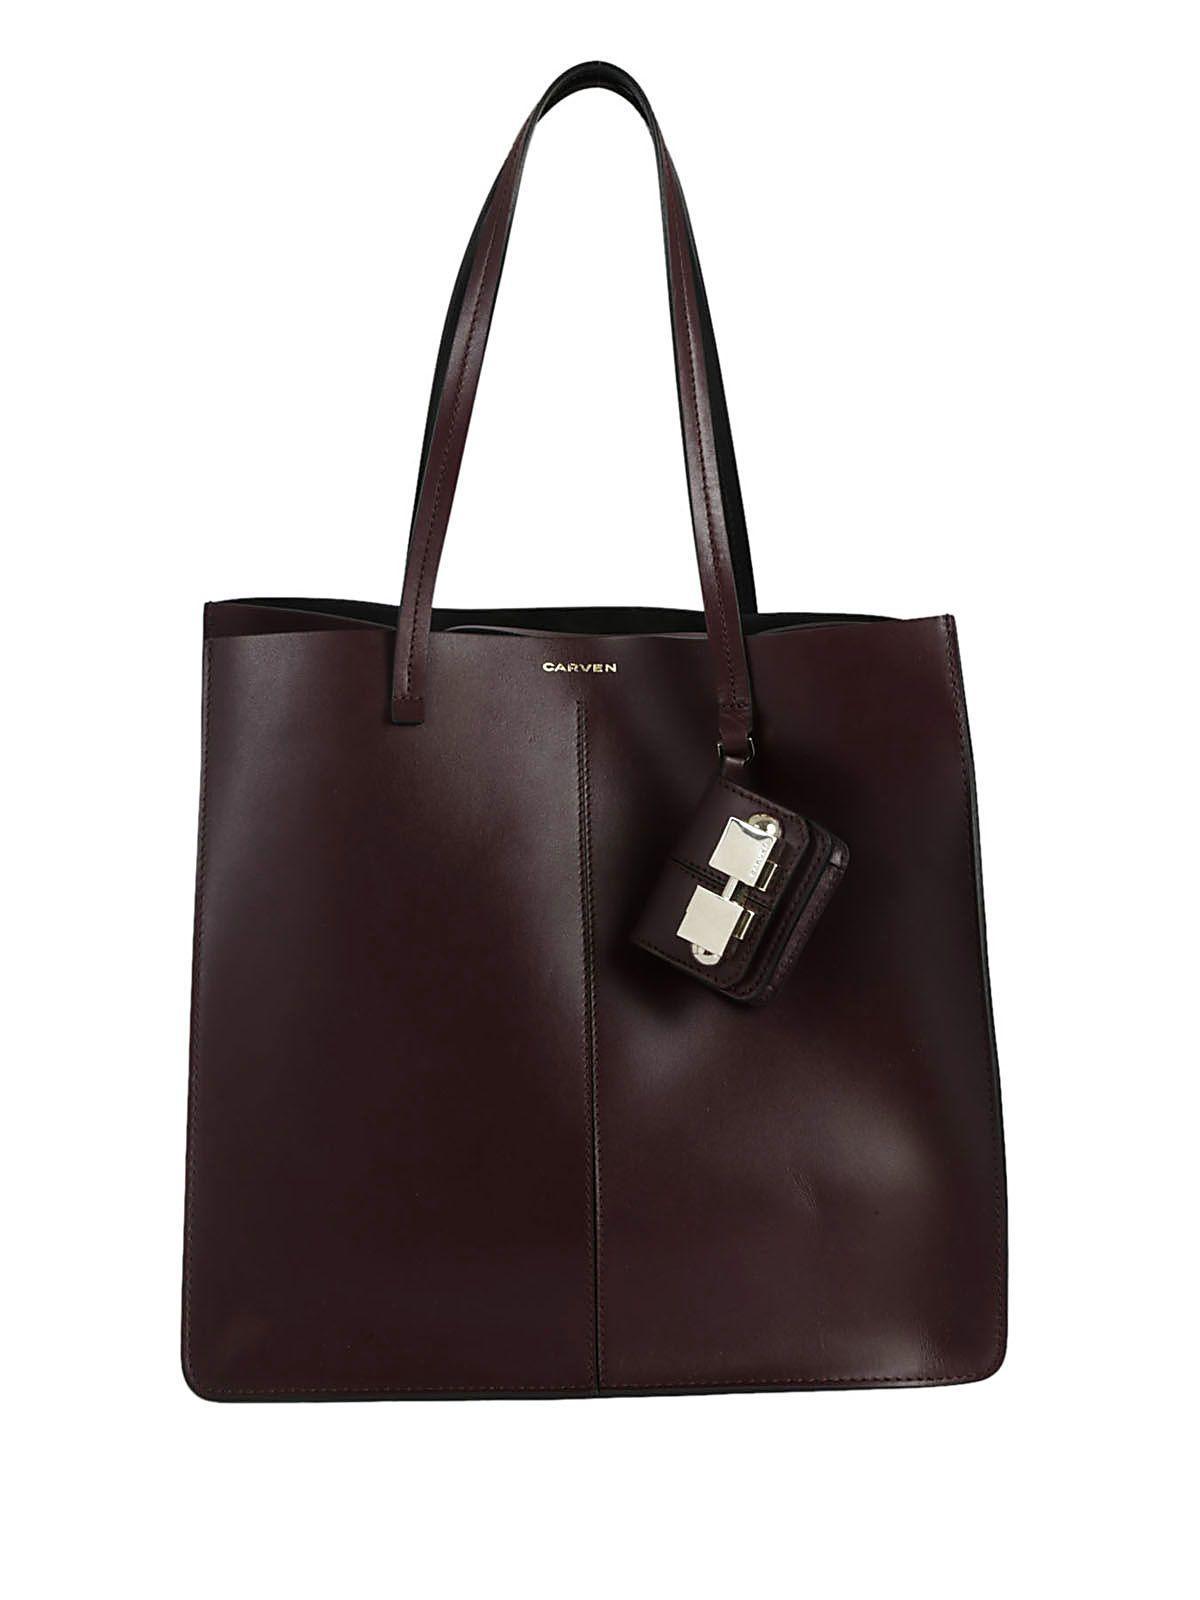 Carven Classic Shopper Bag In Bordeaux